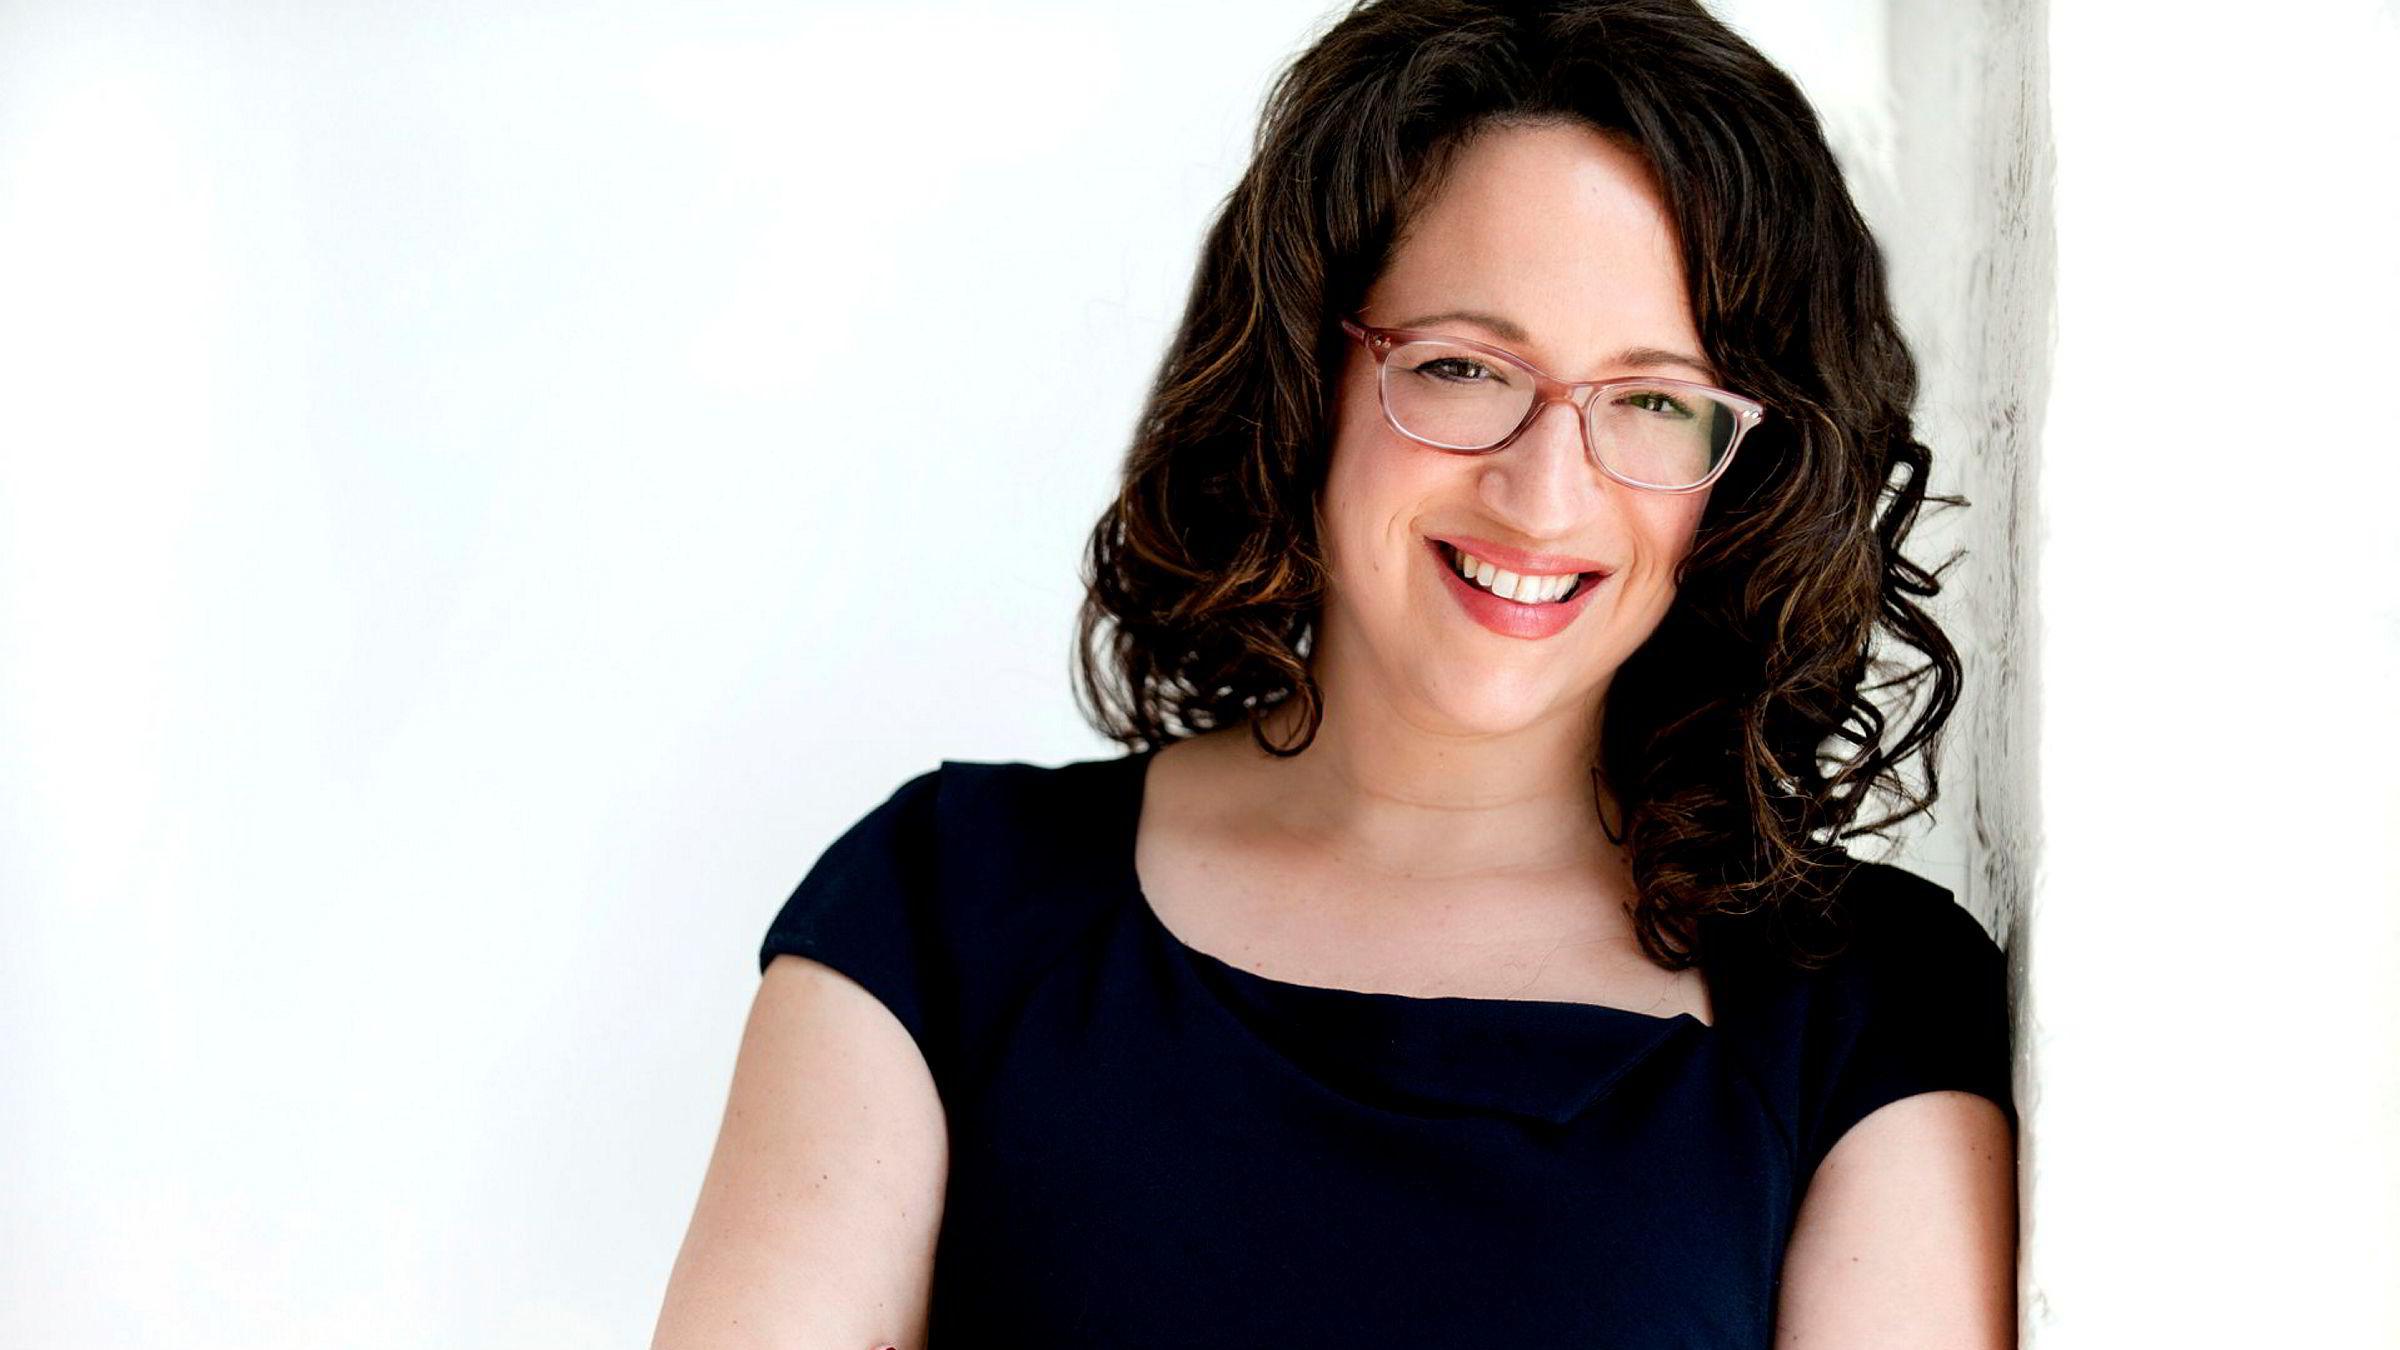 Amy Webb, fremtidsforsker, forfatter og grunnlegger av Webbmedia Group.